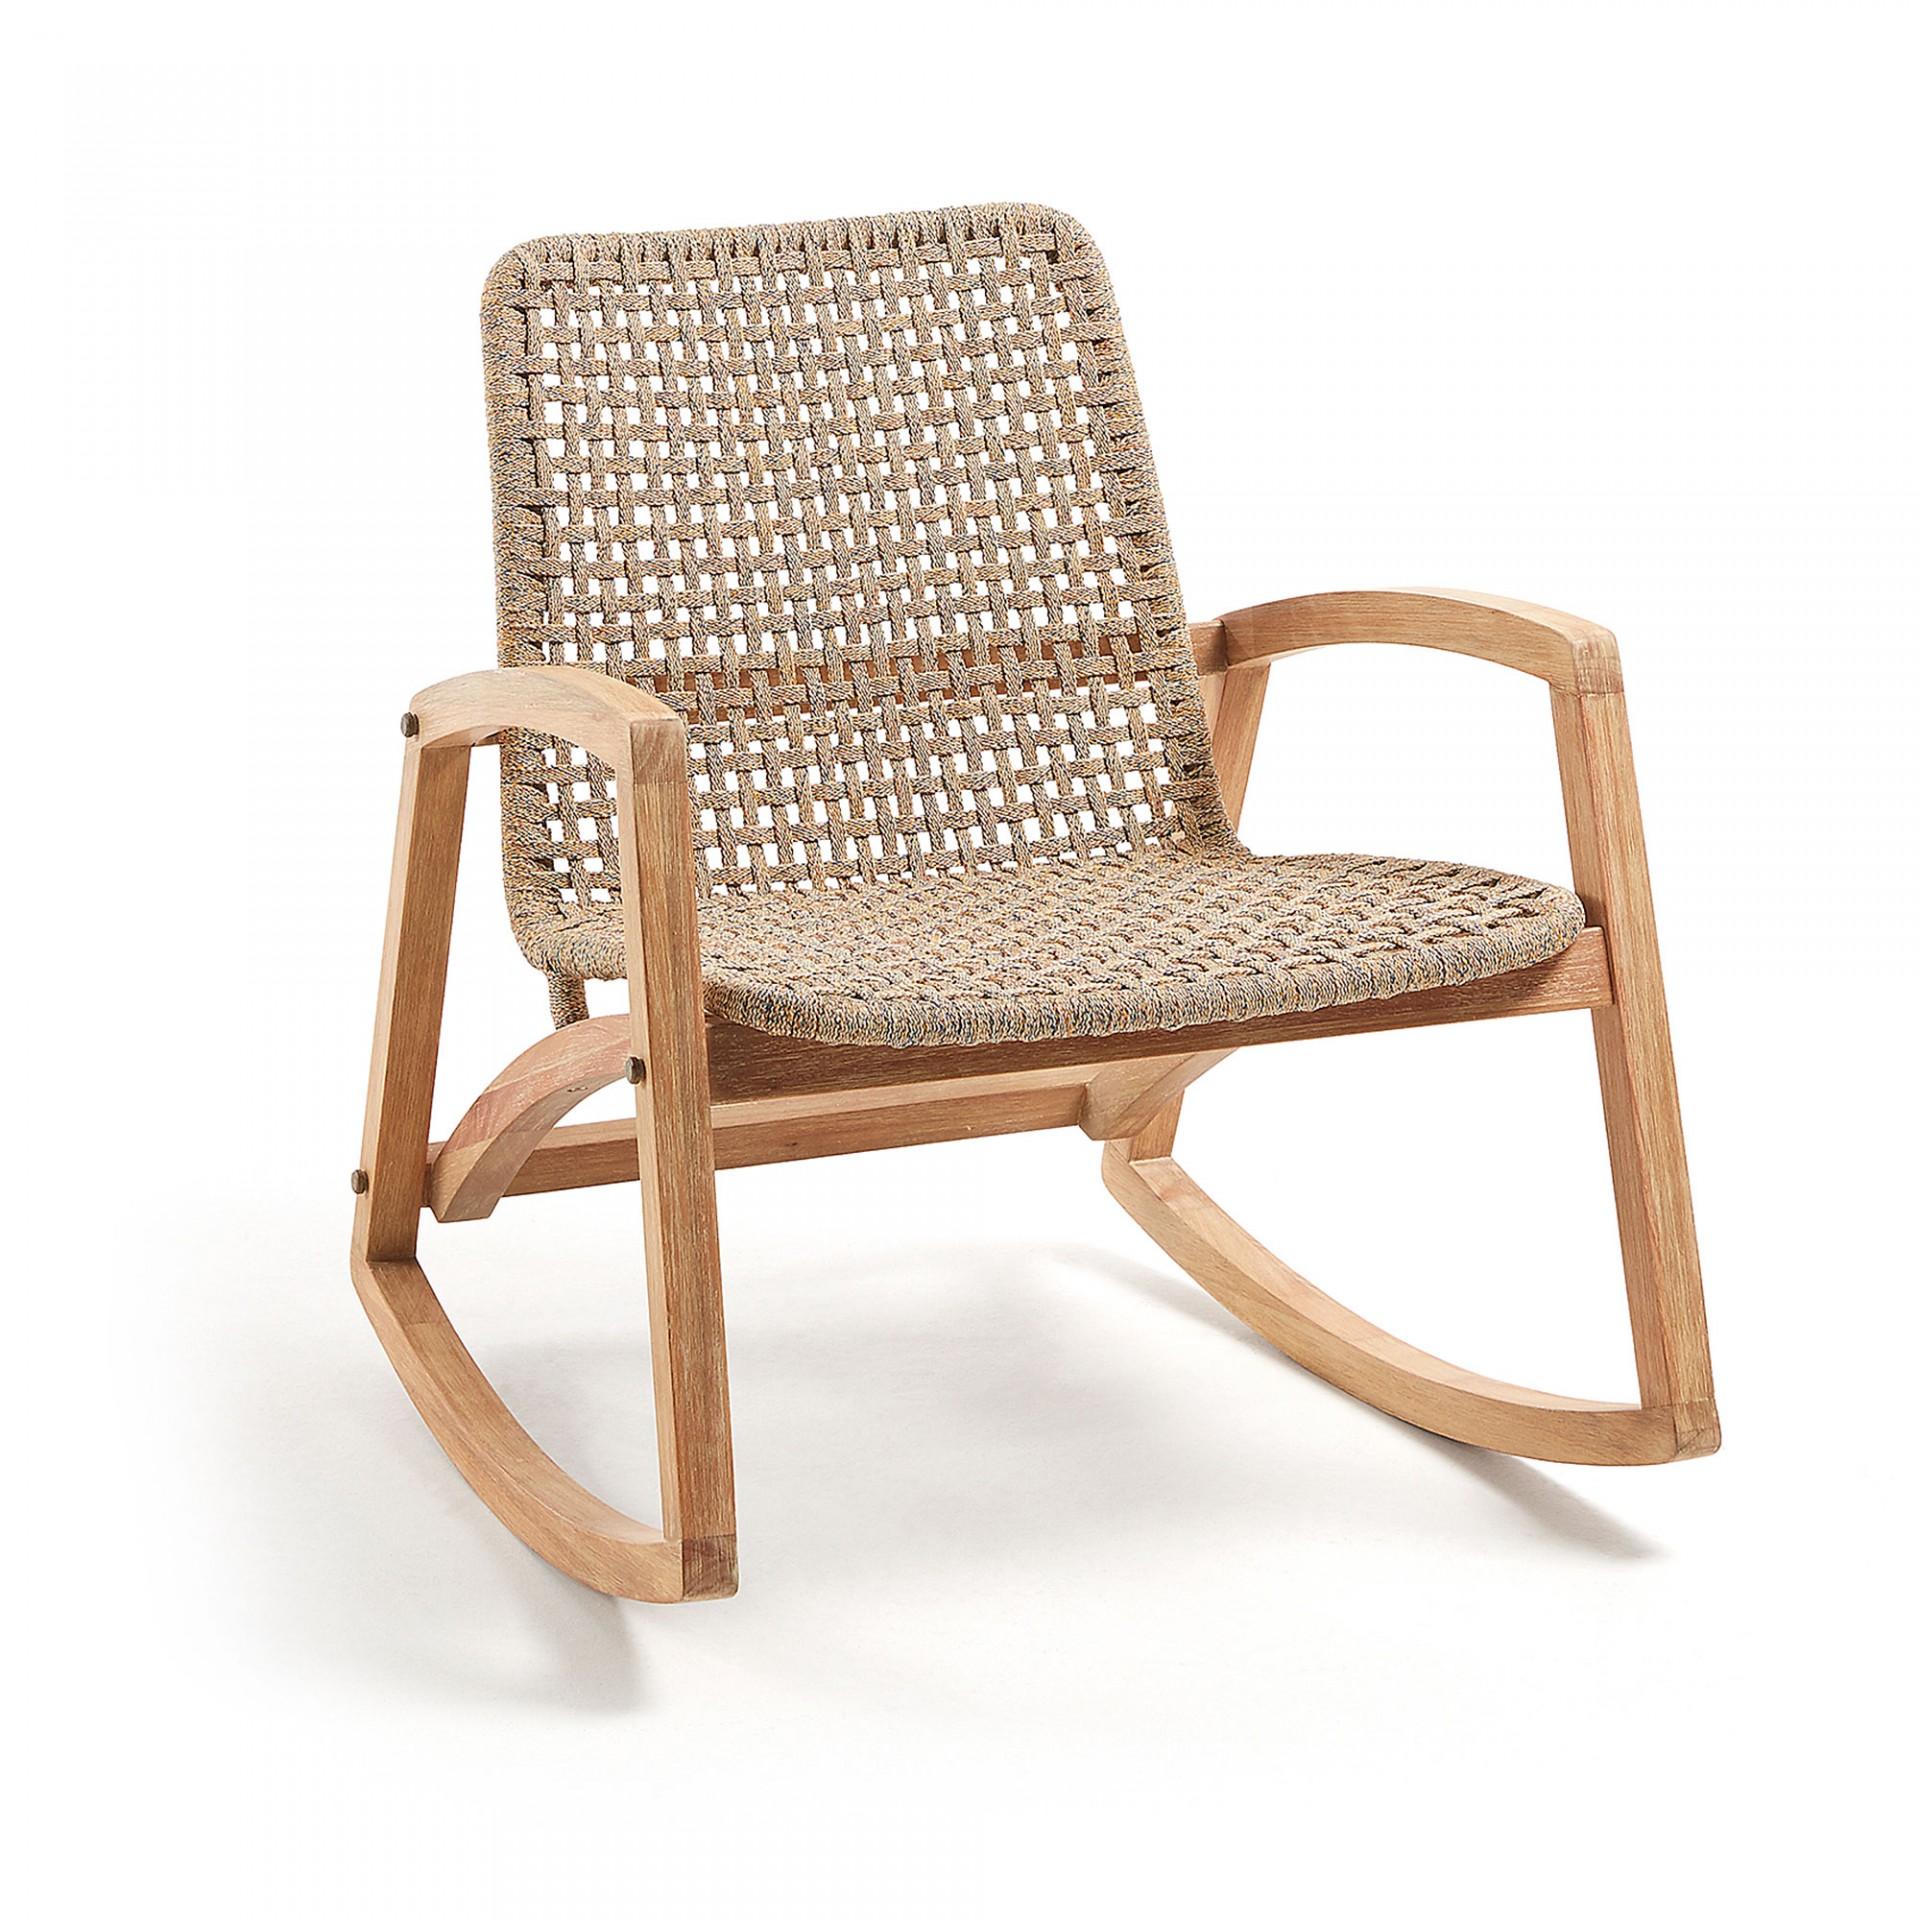 Cadeira de baloiço Thuna, madeira de eucalipto/corda poliéster